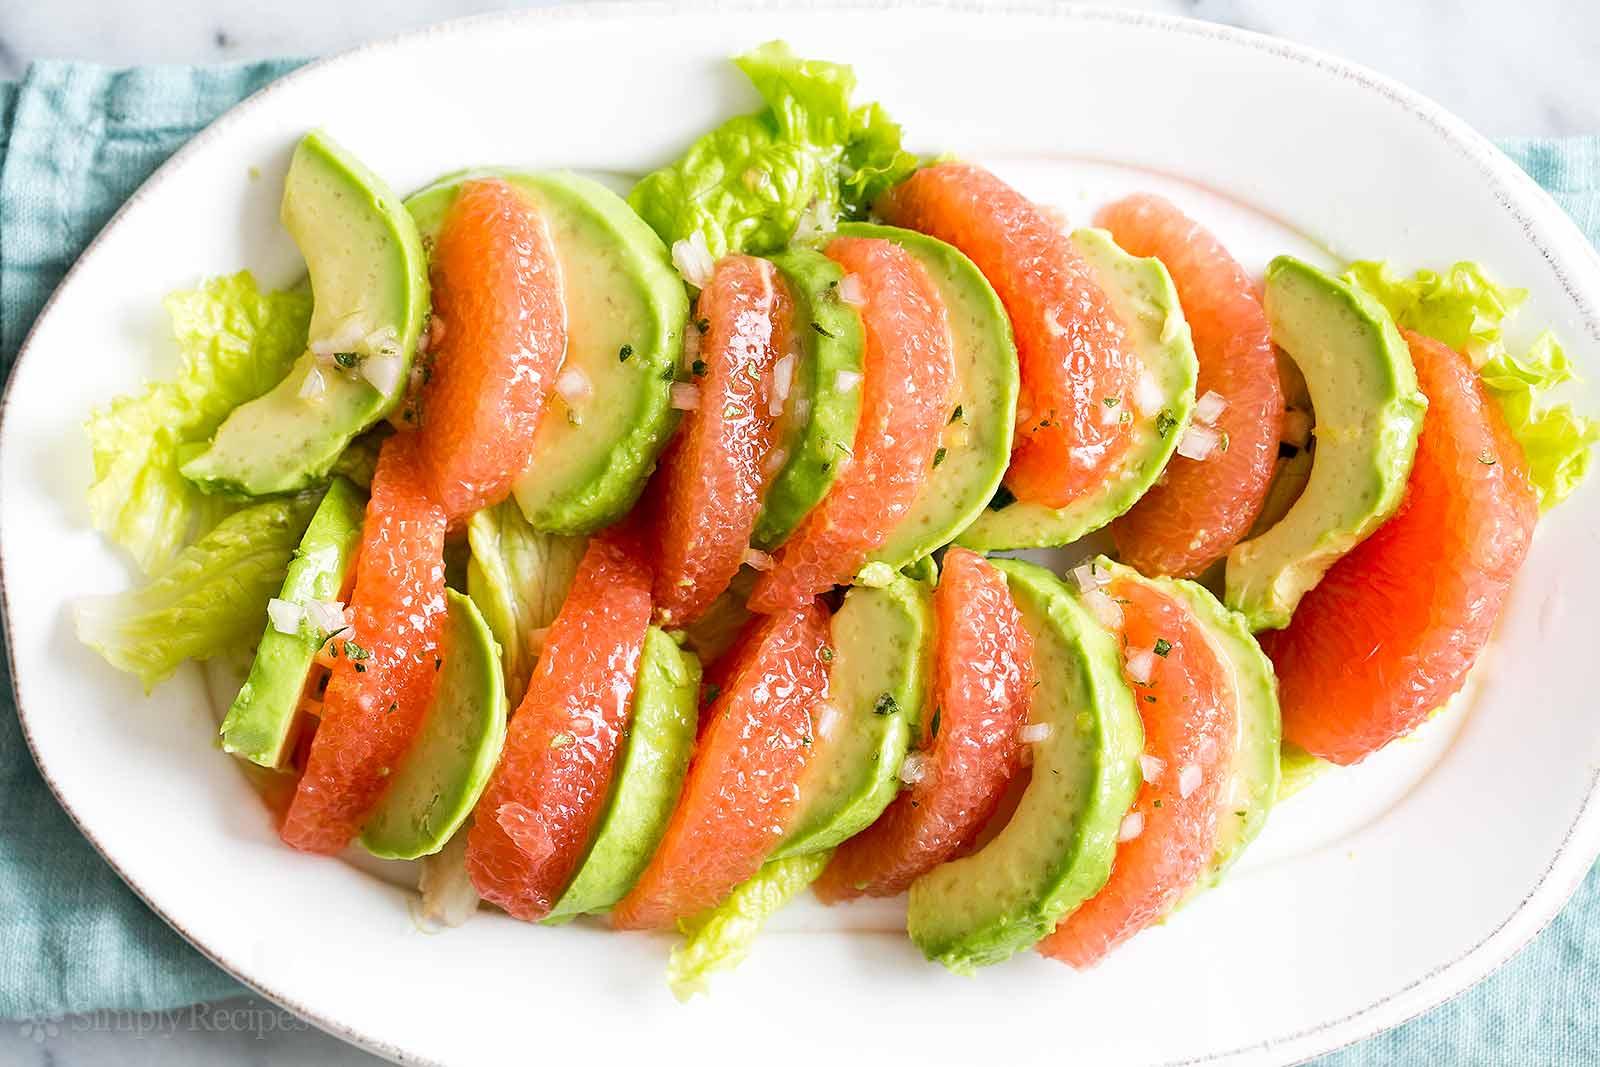 grapefruit-avocado-salad-horiz-a-1600